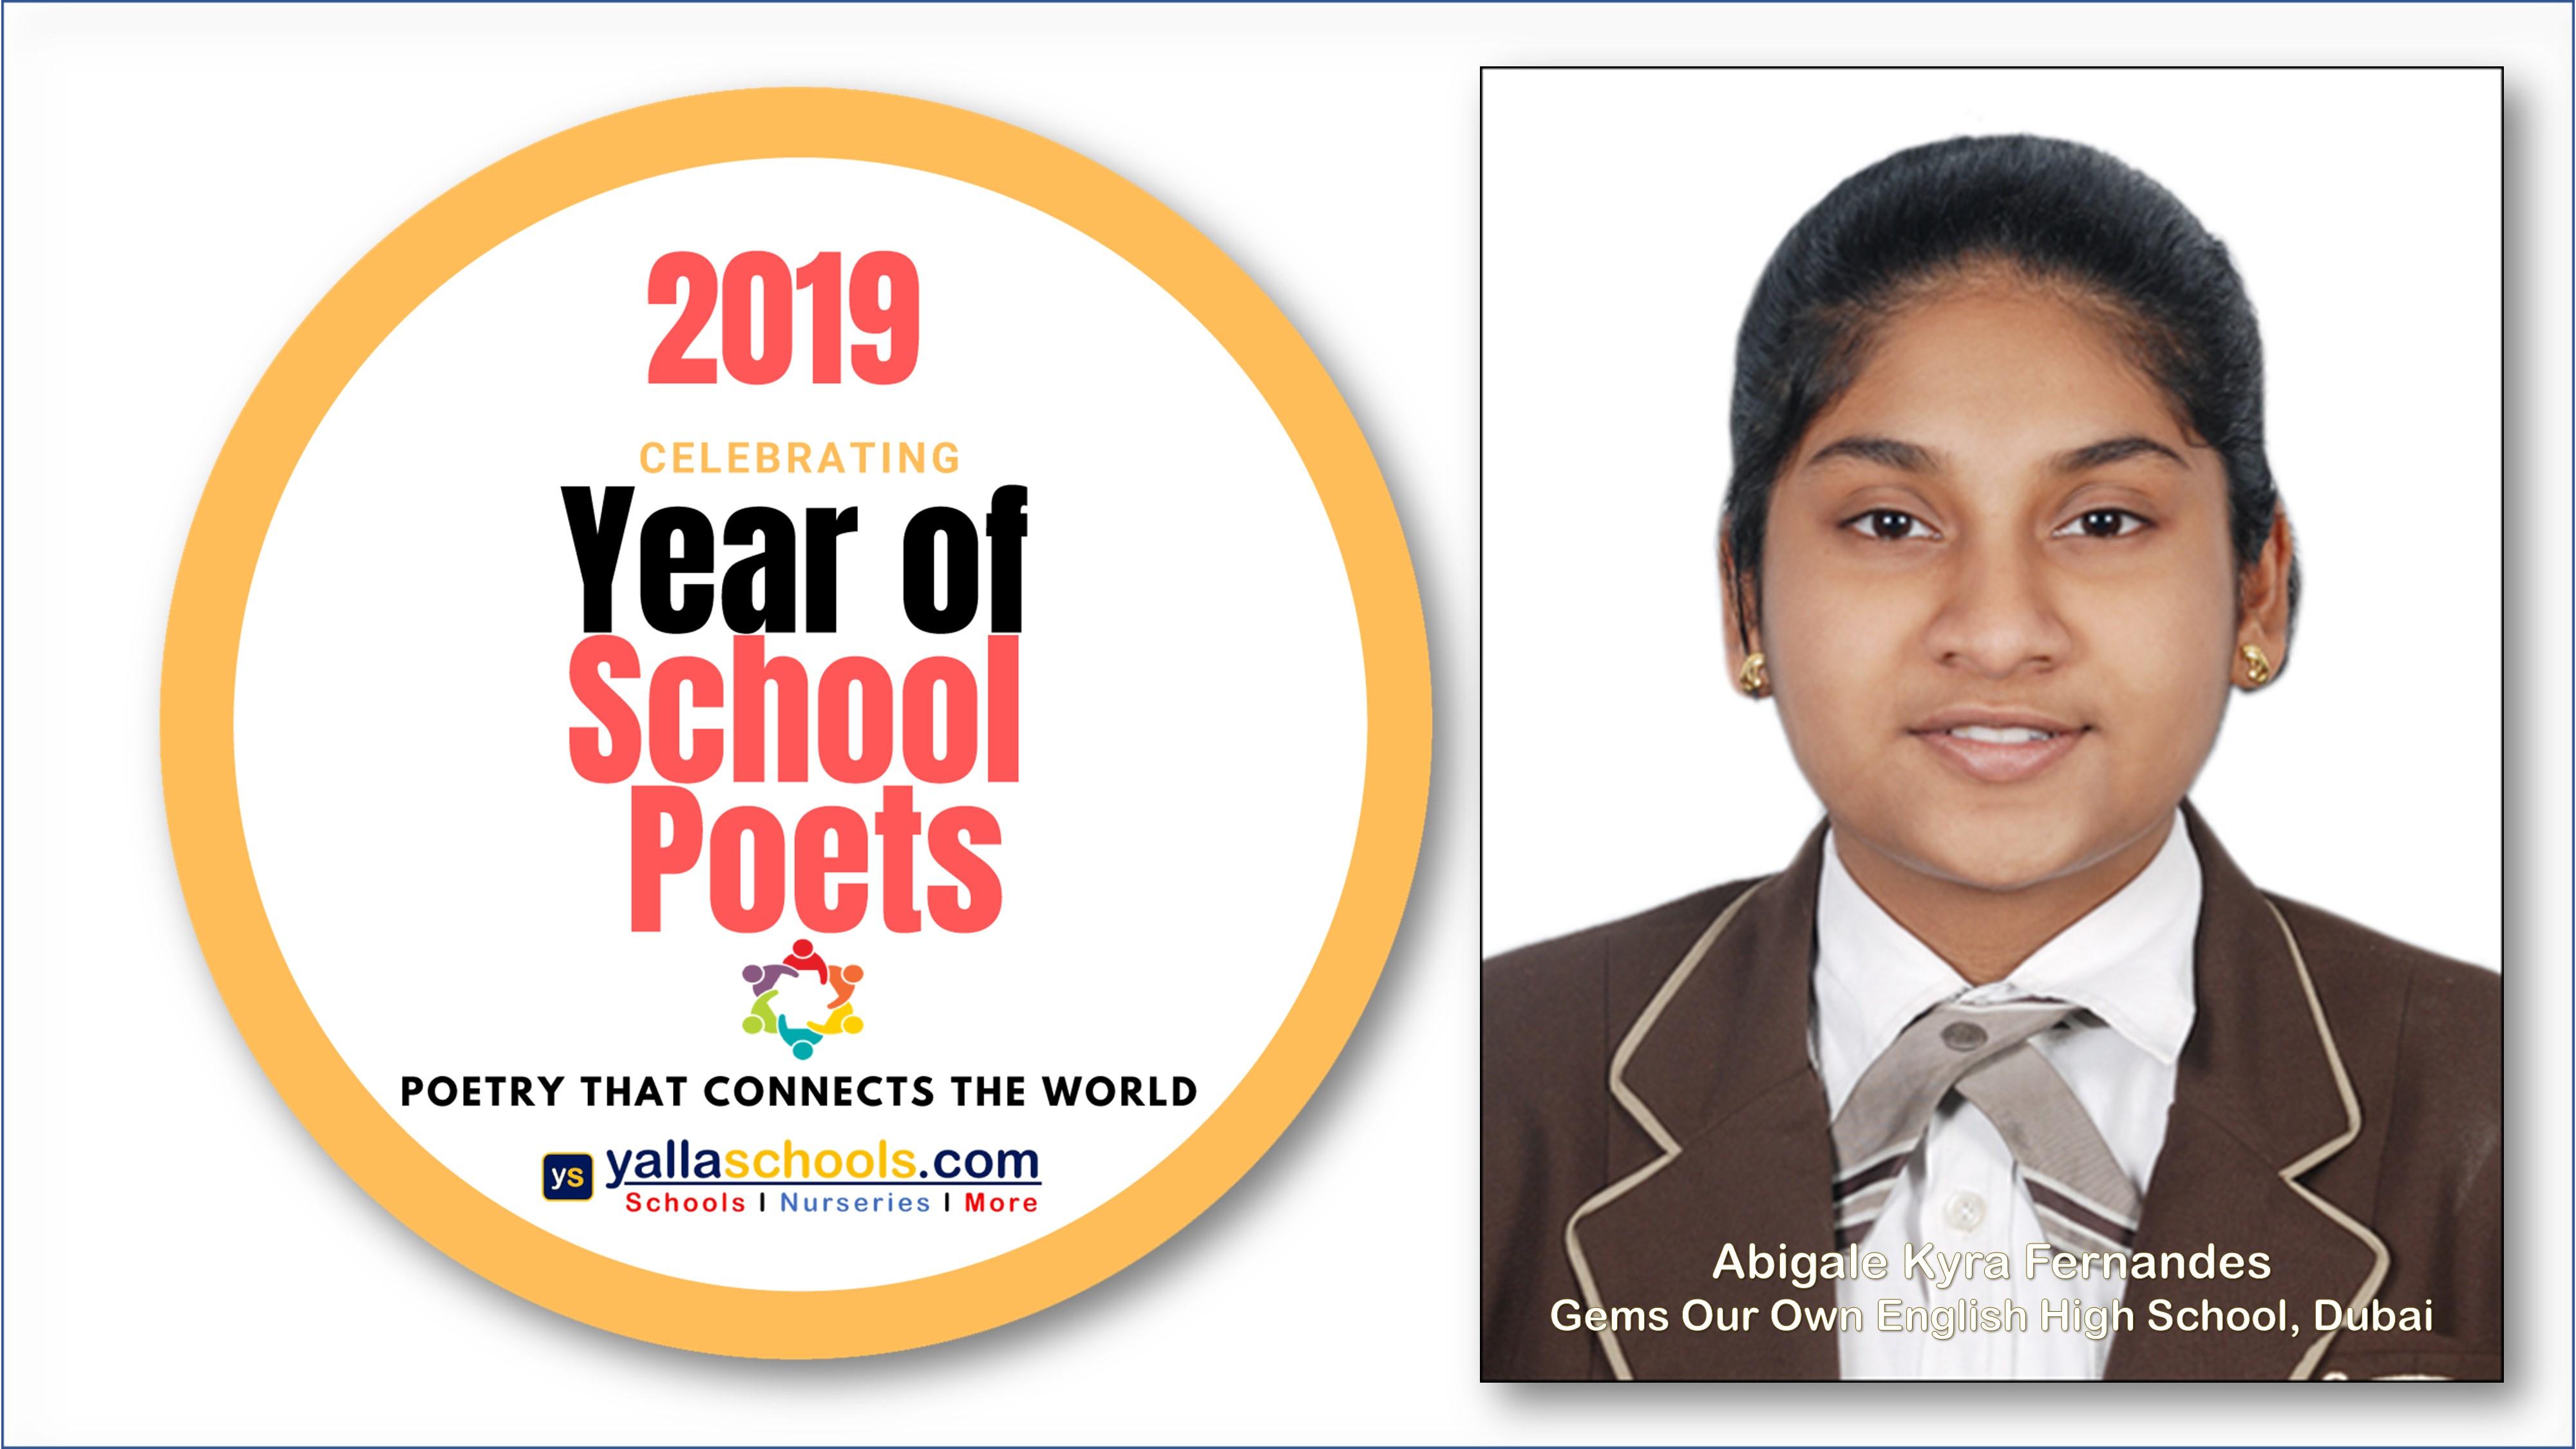 2019_Year_of_School_Poets,_Abigale_Kyra_Fernandes,_GEMS_Our_Own_High_School,_Dubai